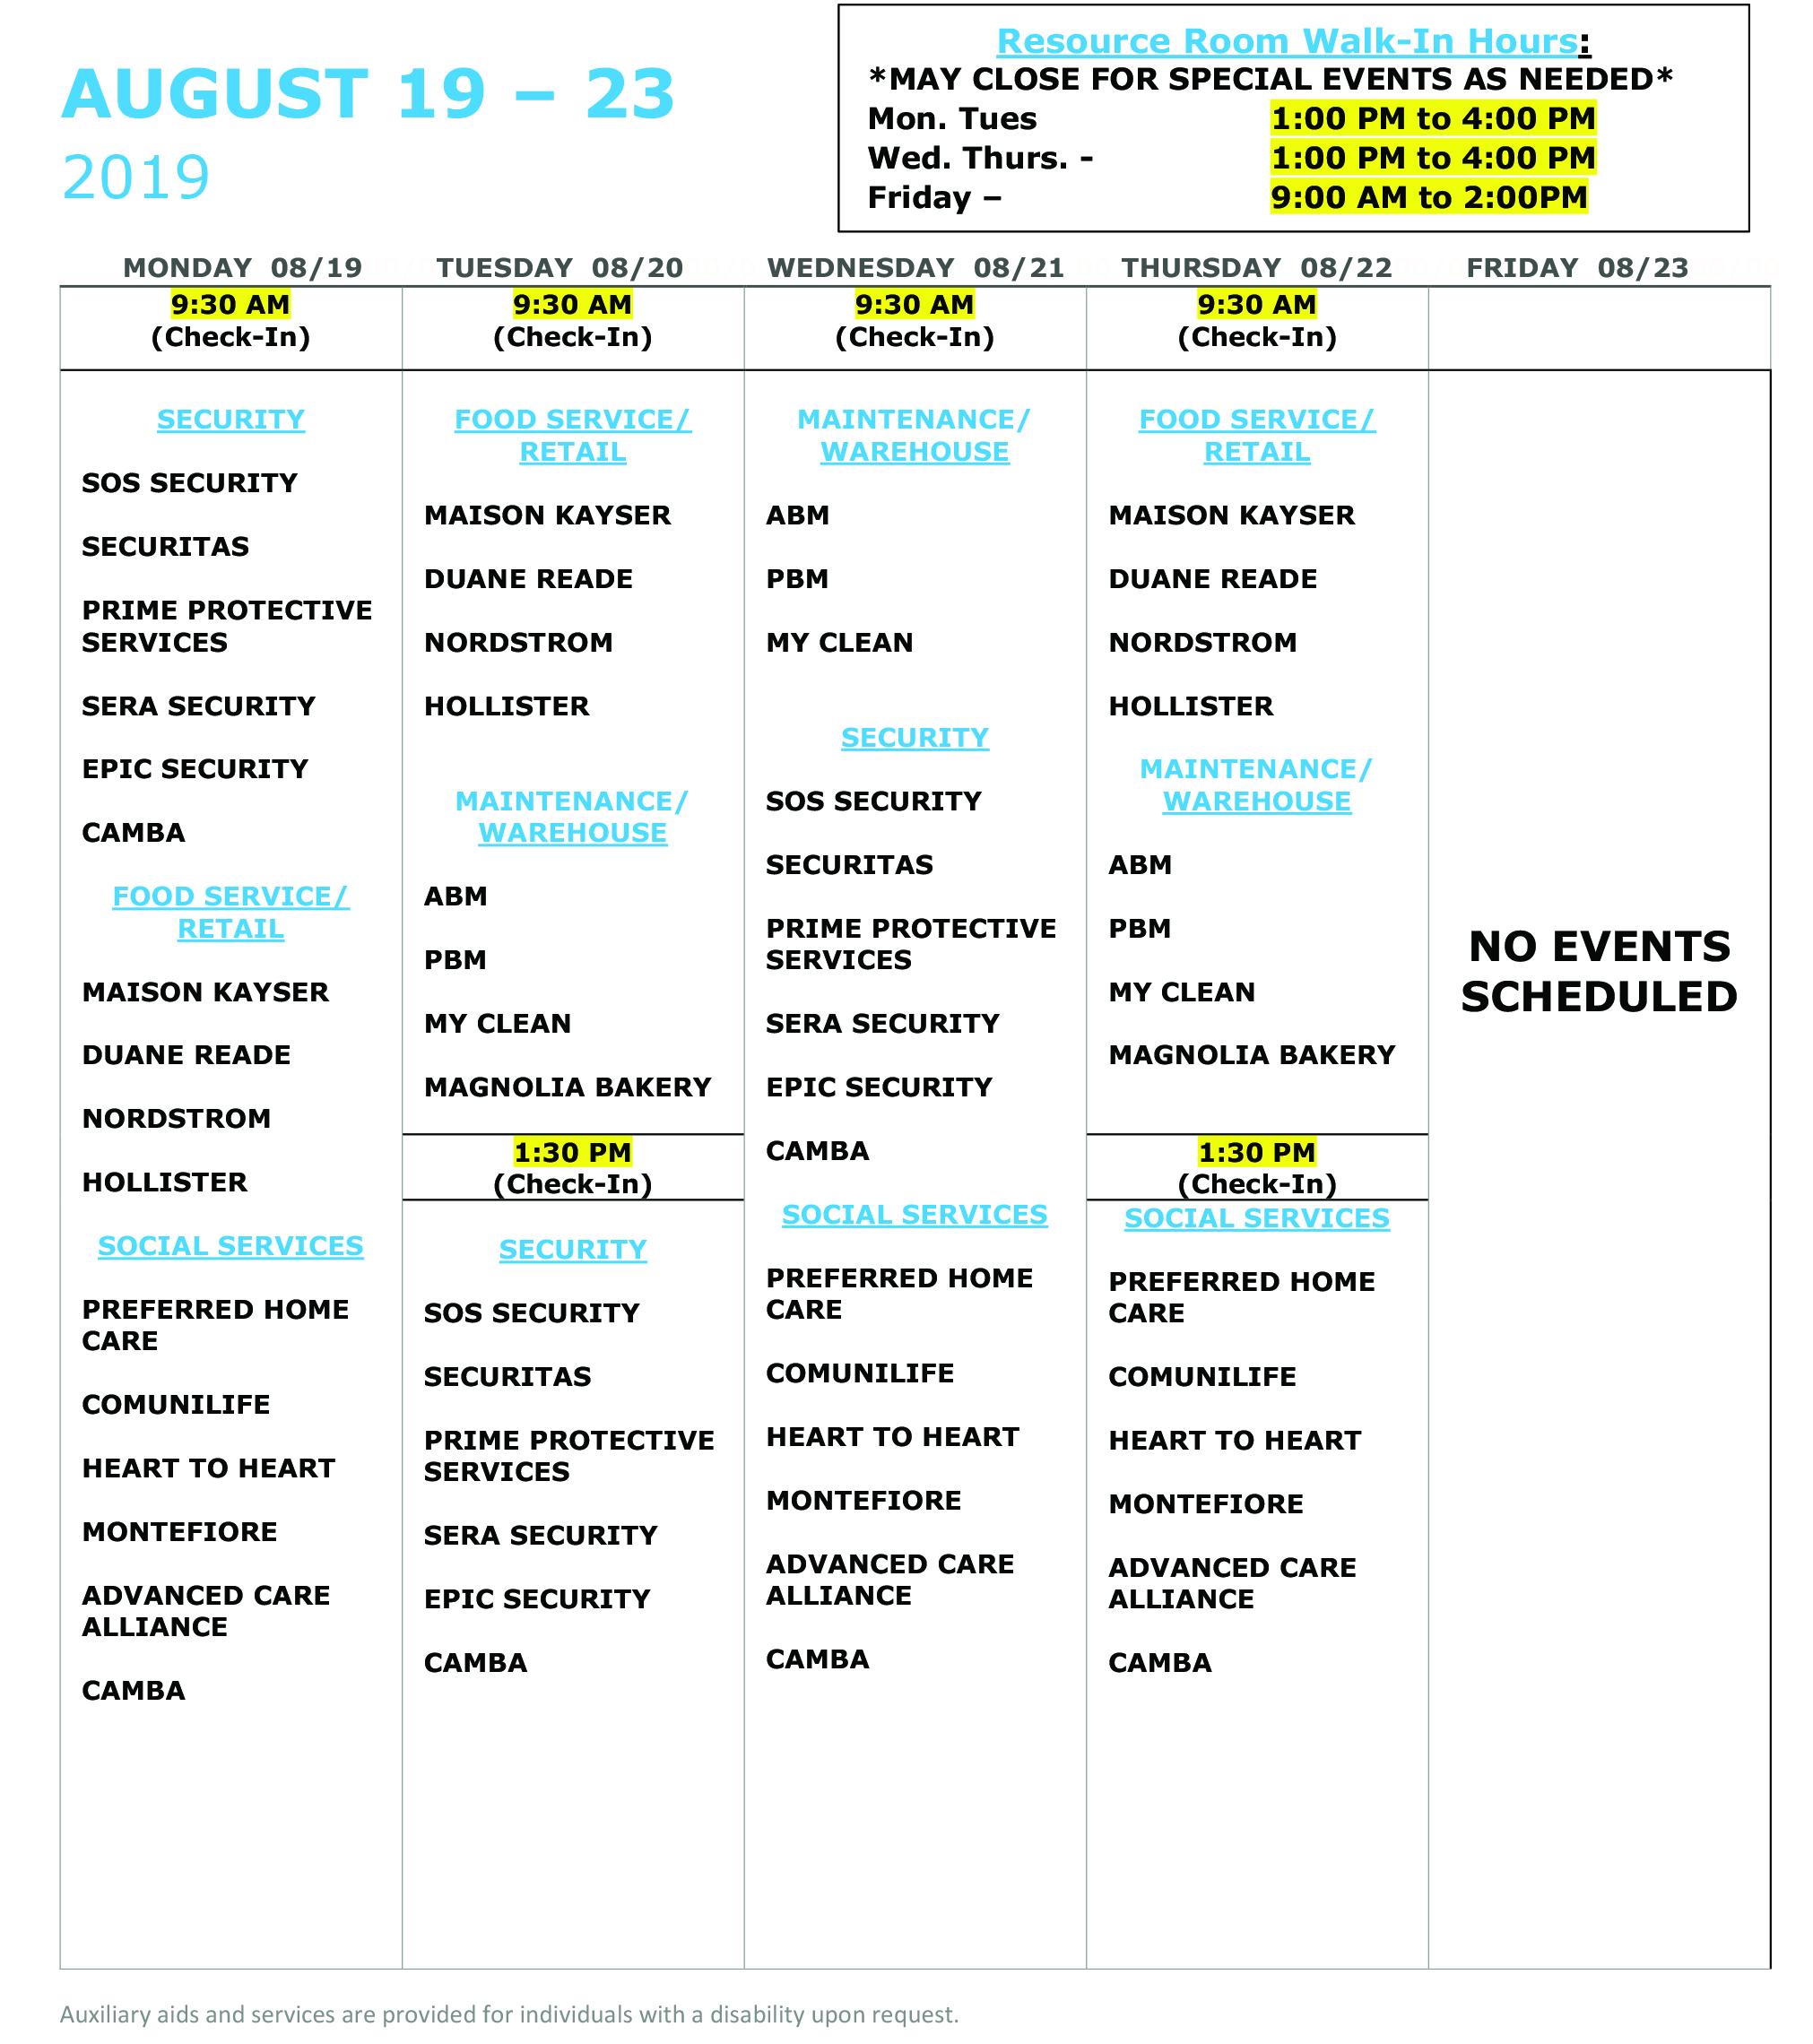 HP Recruitment Event Calendar 8-19 to 8-23-19-1.jpg